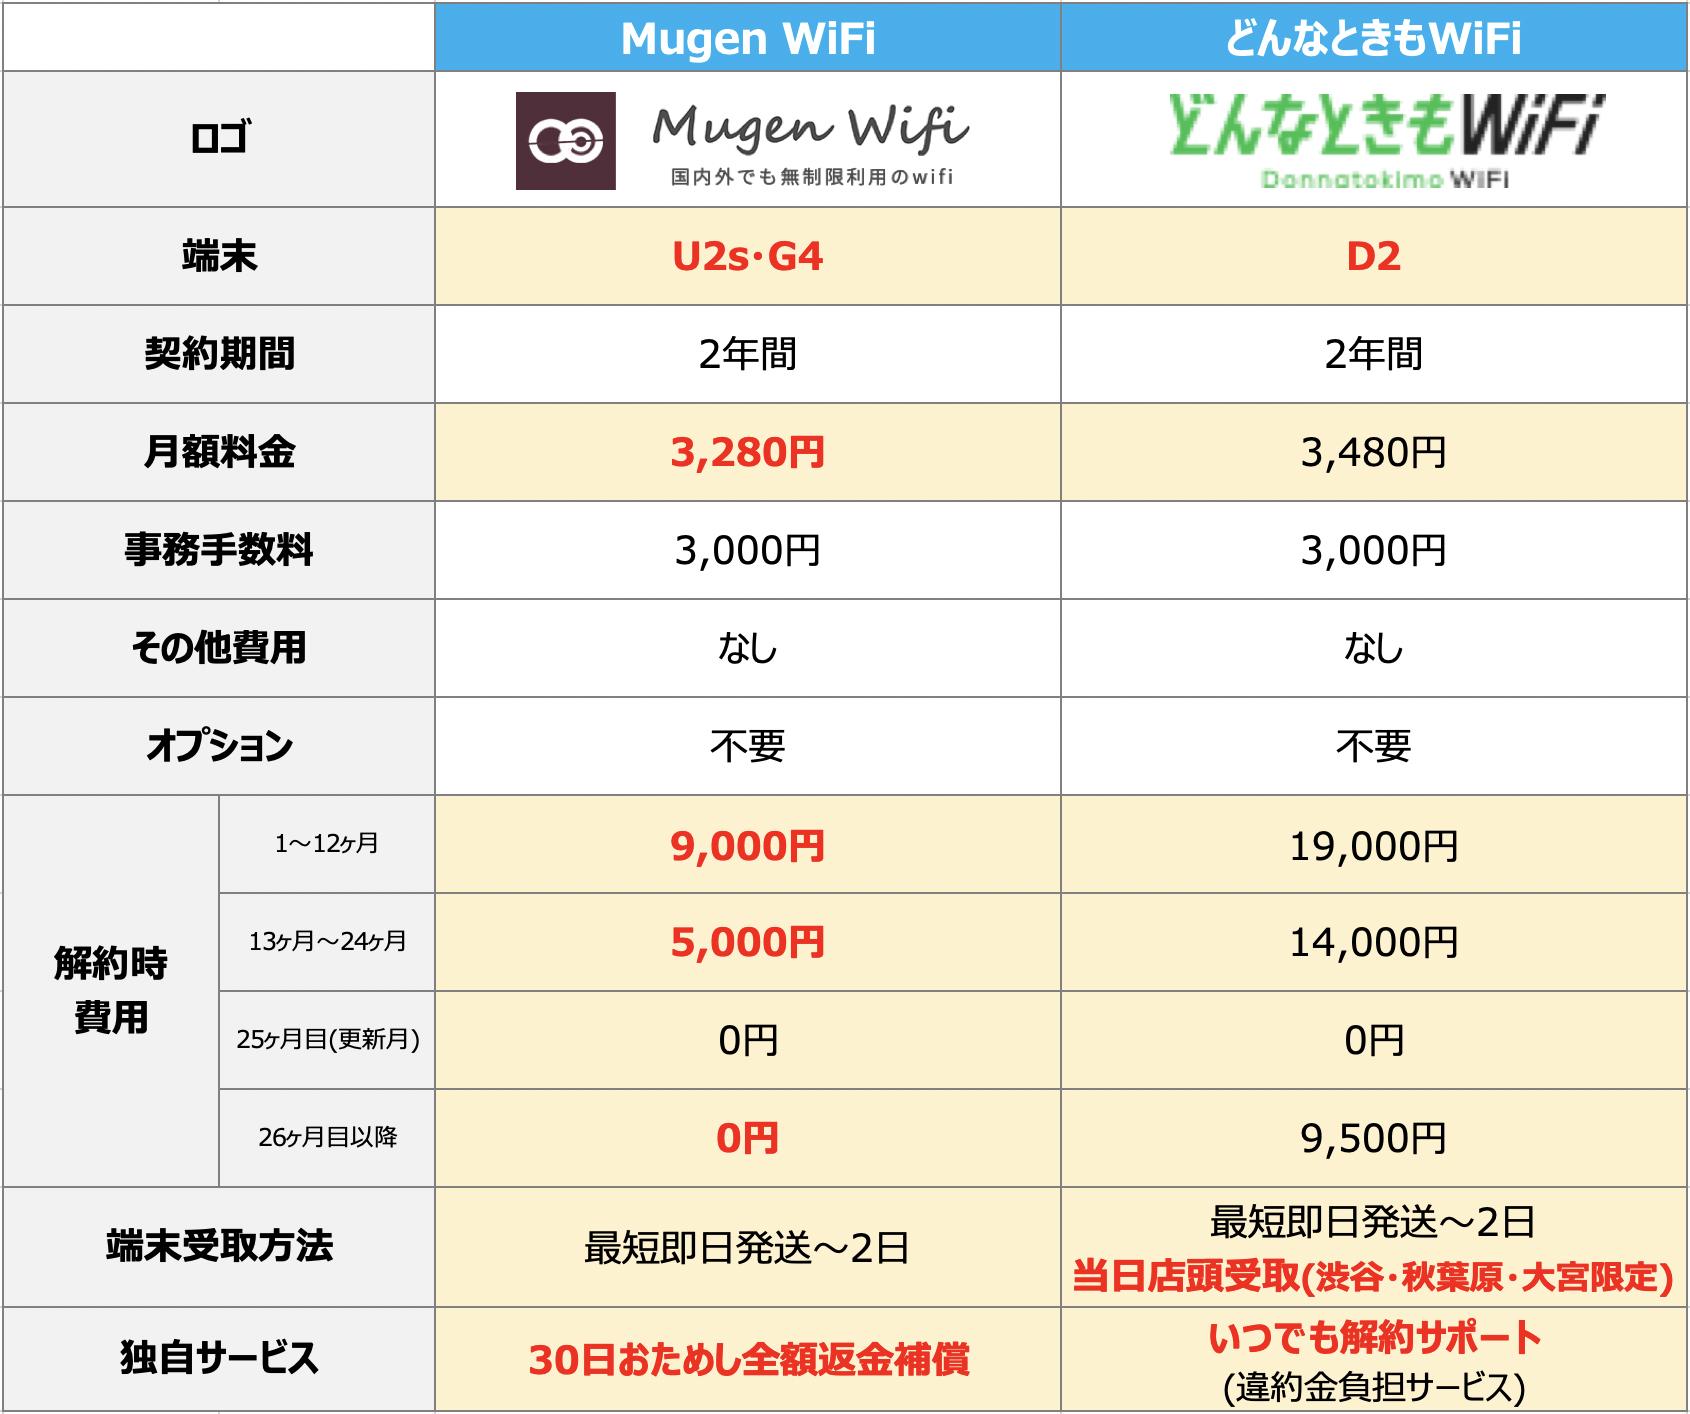 MugenWiFiとどんなときもWiFiの比較表